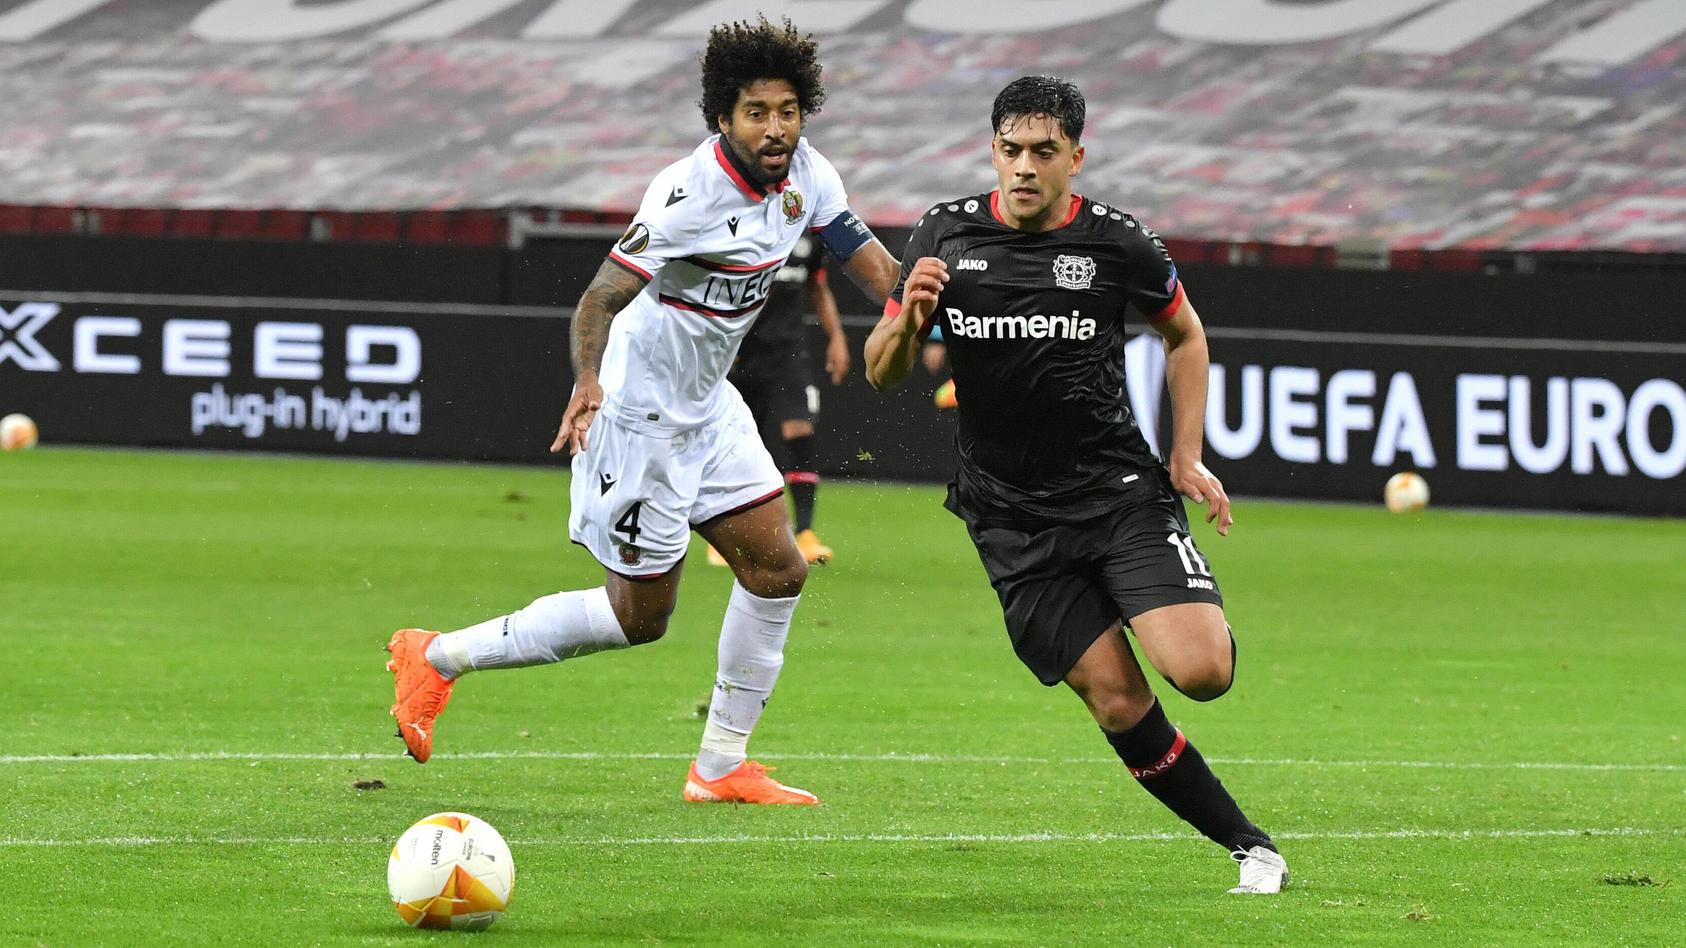 Nadiem Amiri (Bayer 04 Leverkusen) erzielt das Tor zum 1:0  gegen Dante (OGC Nizza)